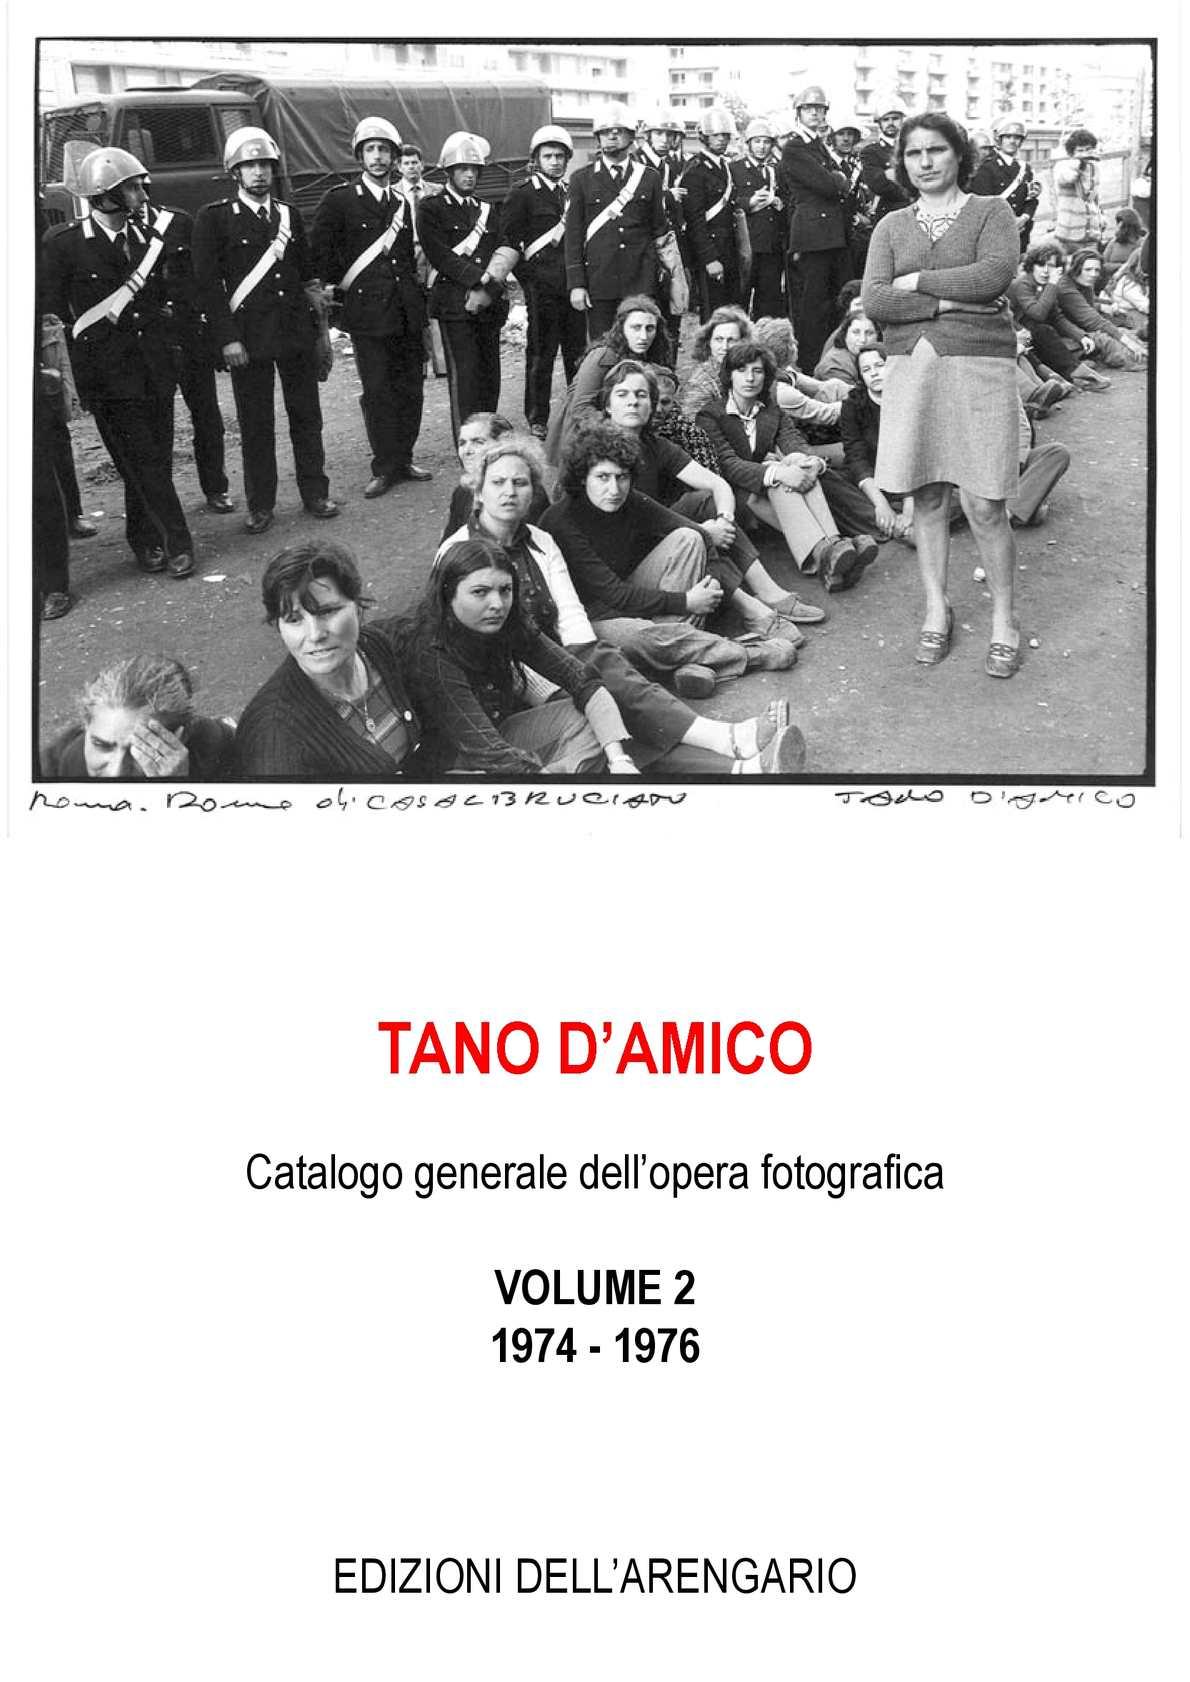 Catalogo 1974 1976